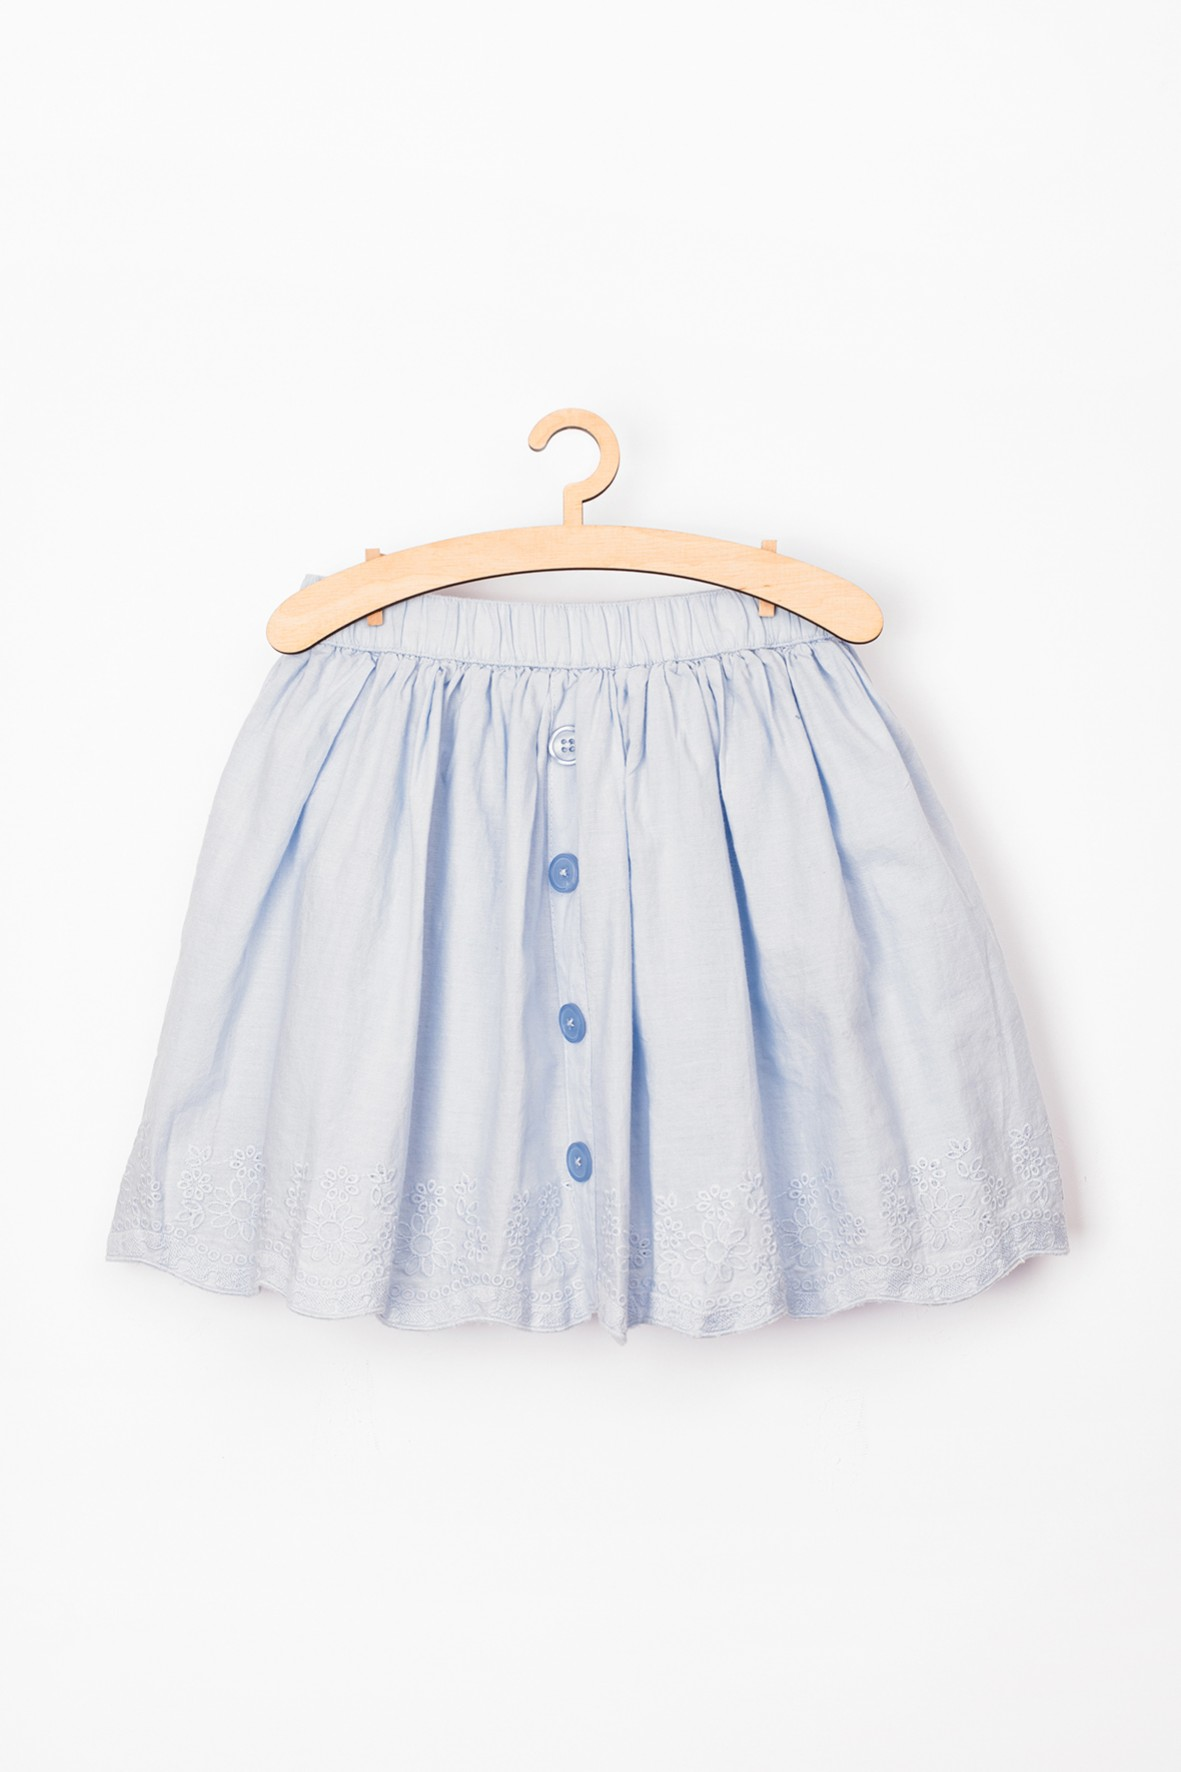 Spódnica dziewczęca niebieska z haftowanym dołem